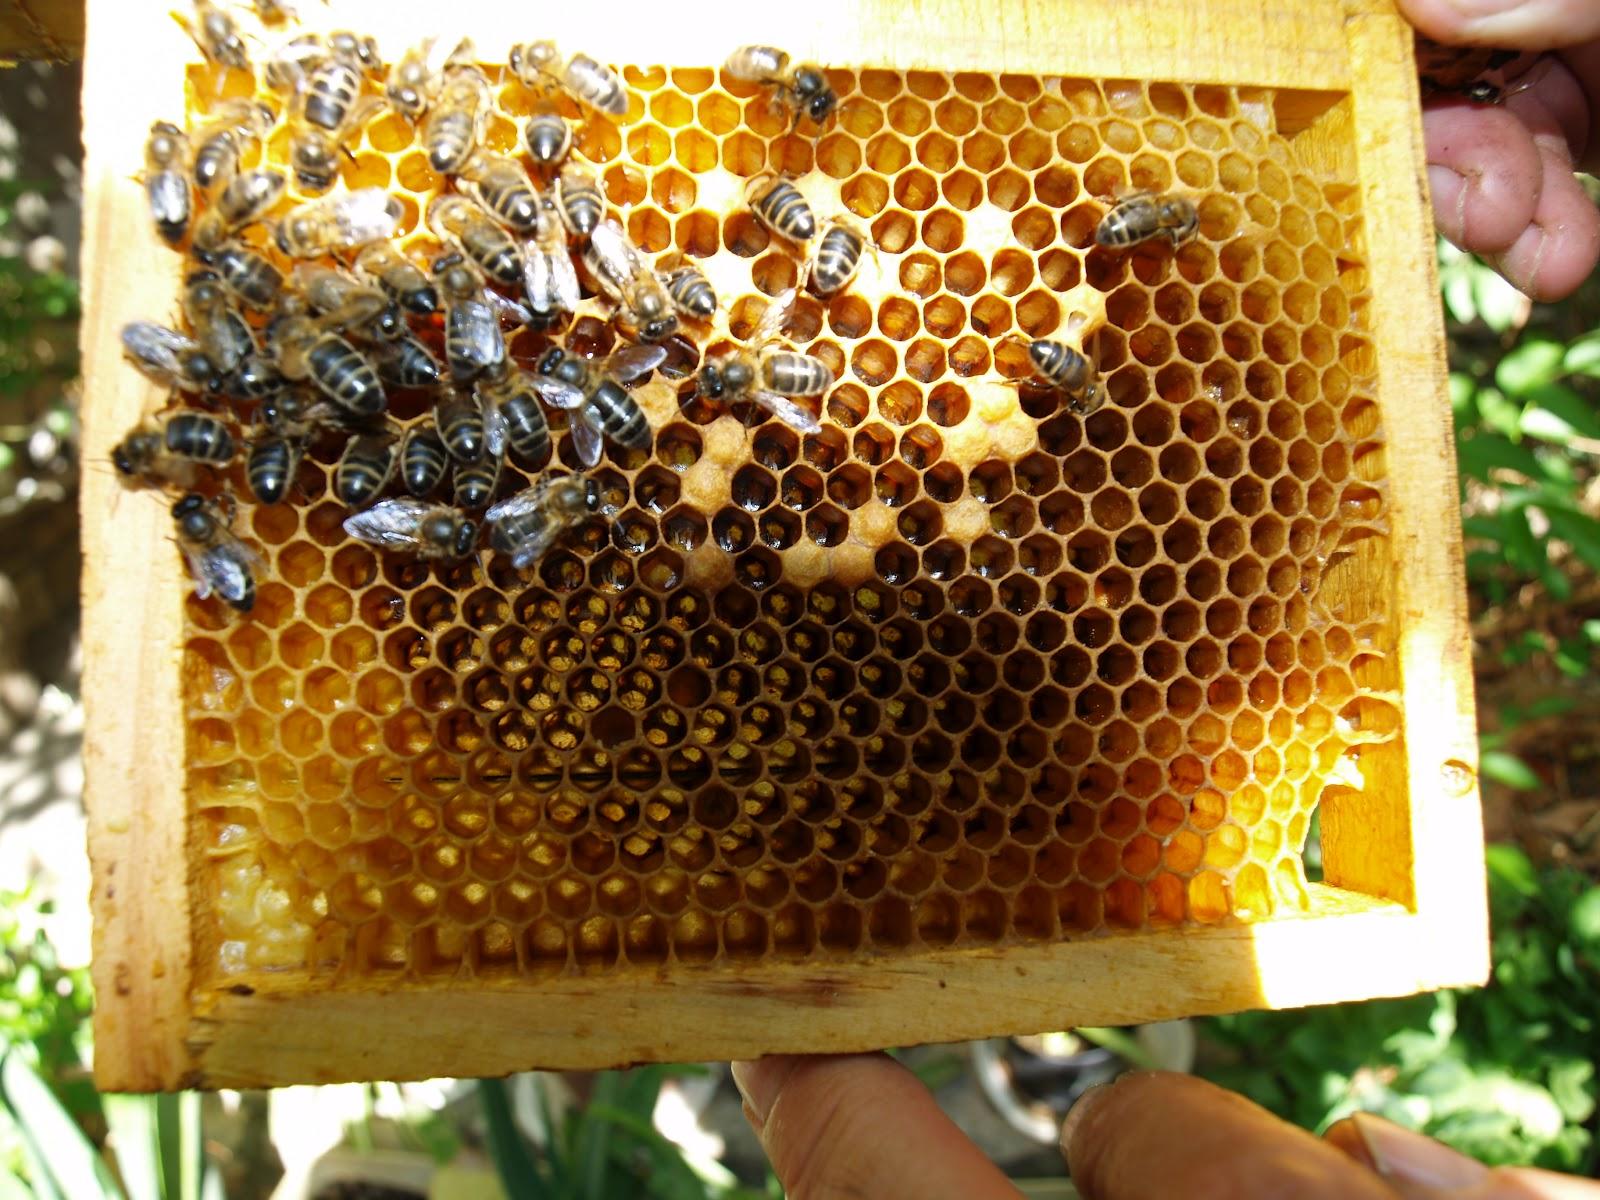 El retabillo elaboraci n de la miel en zuera for Elaboracion de estanques para piscicultura